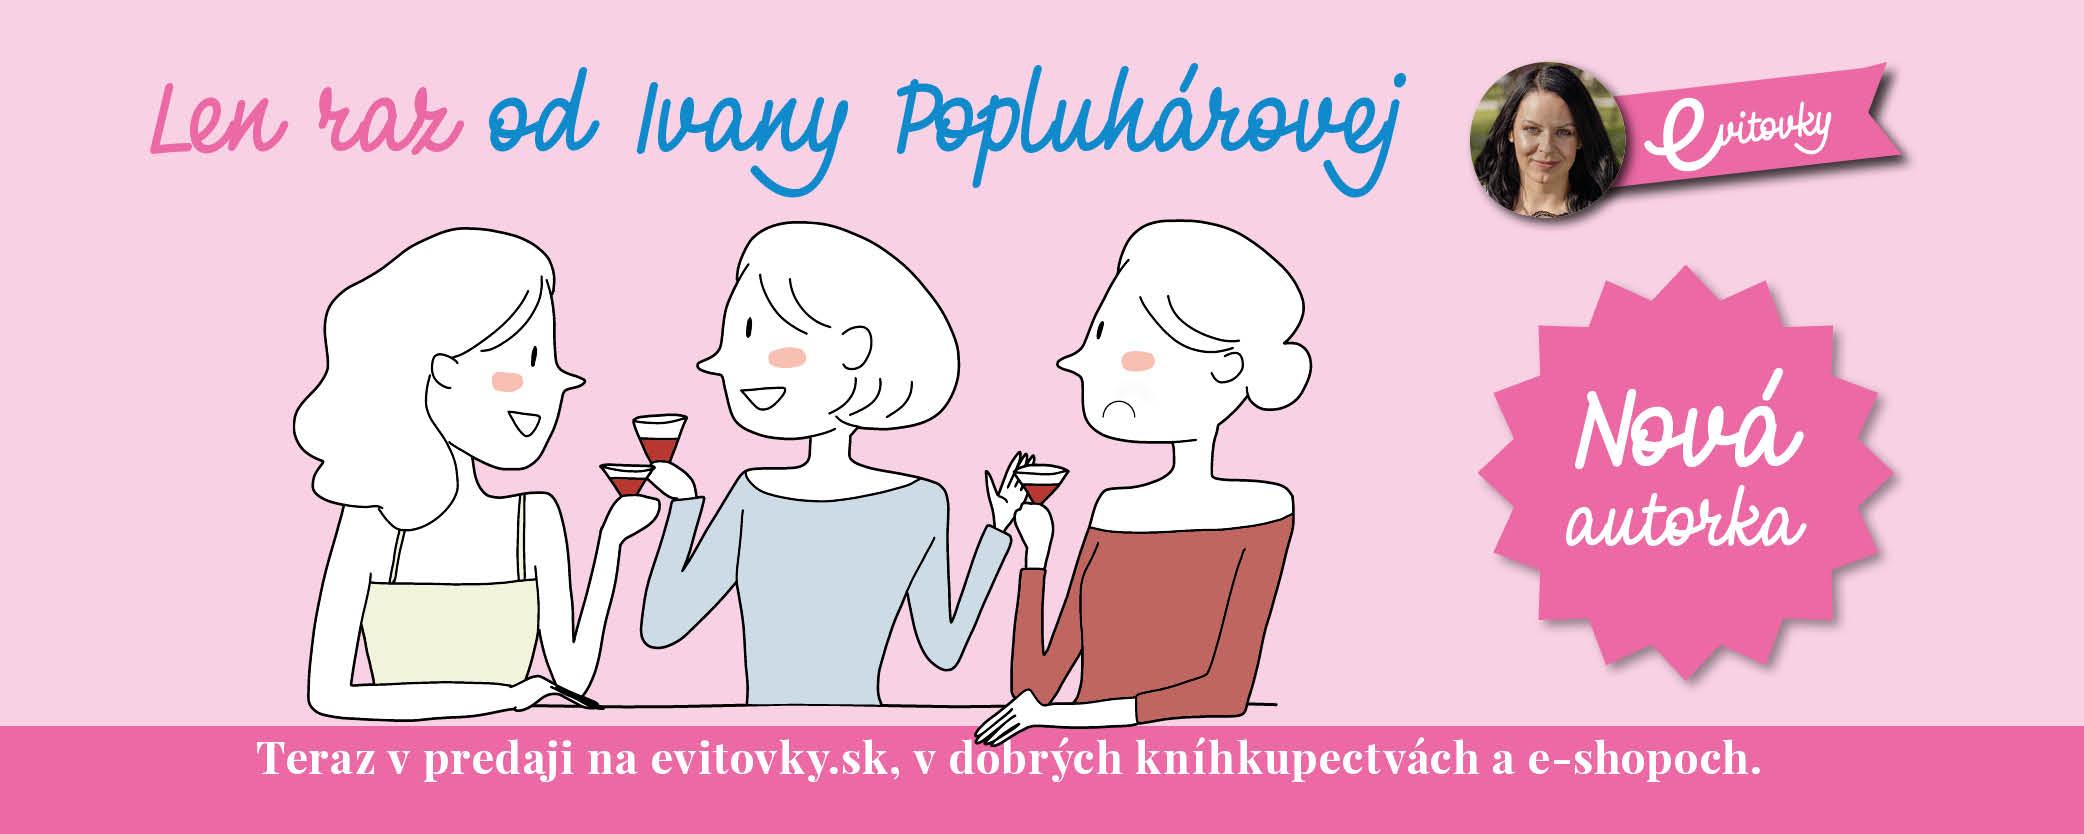 NOVINKA: Nová evitovka od novej autorky Ivany Popluhárovej